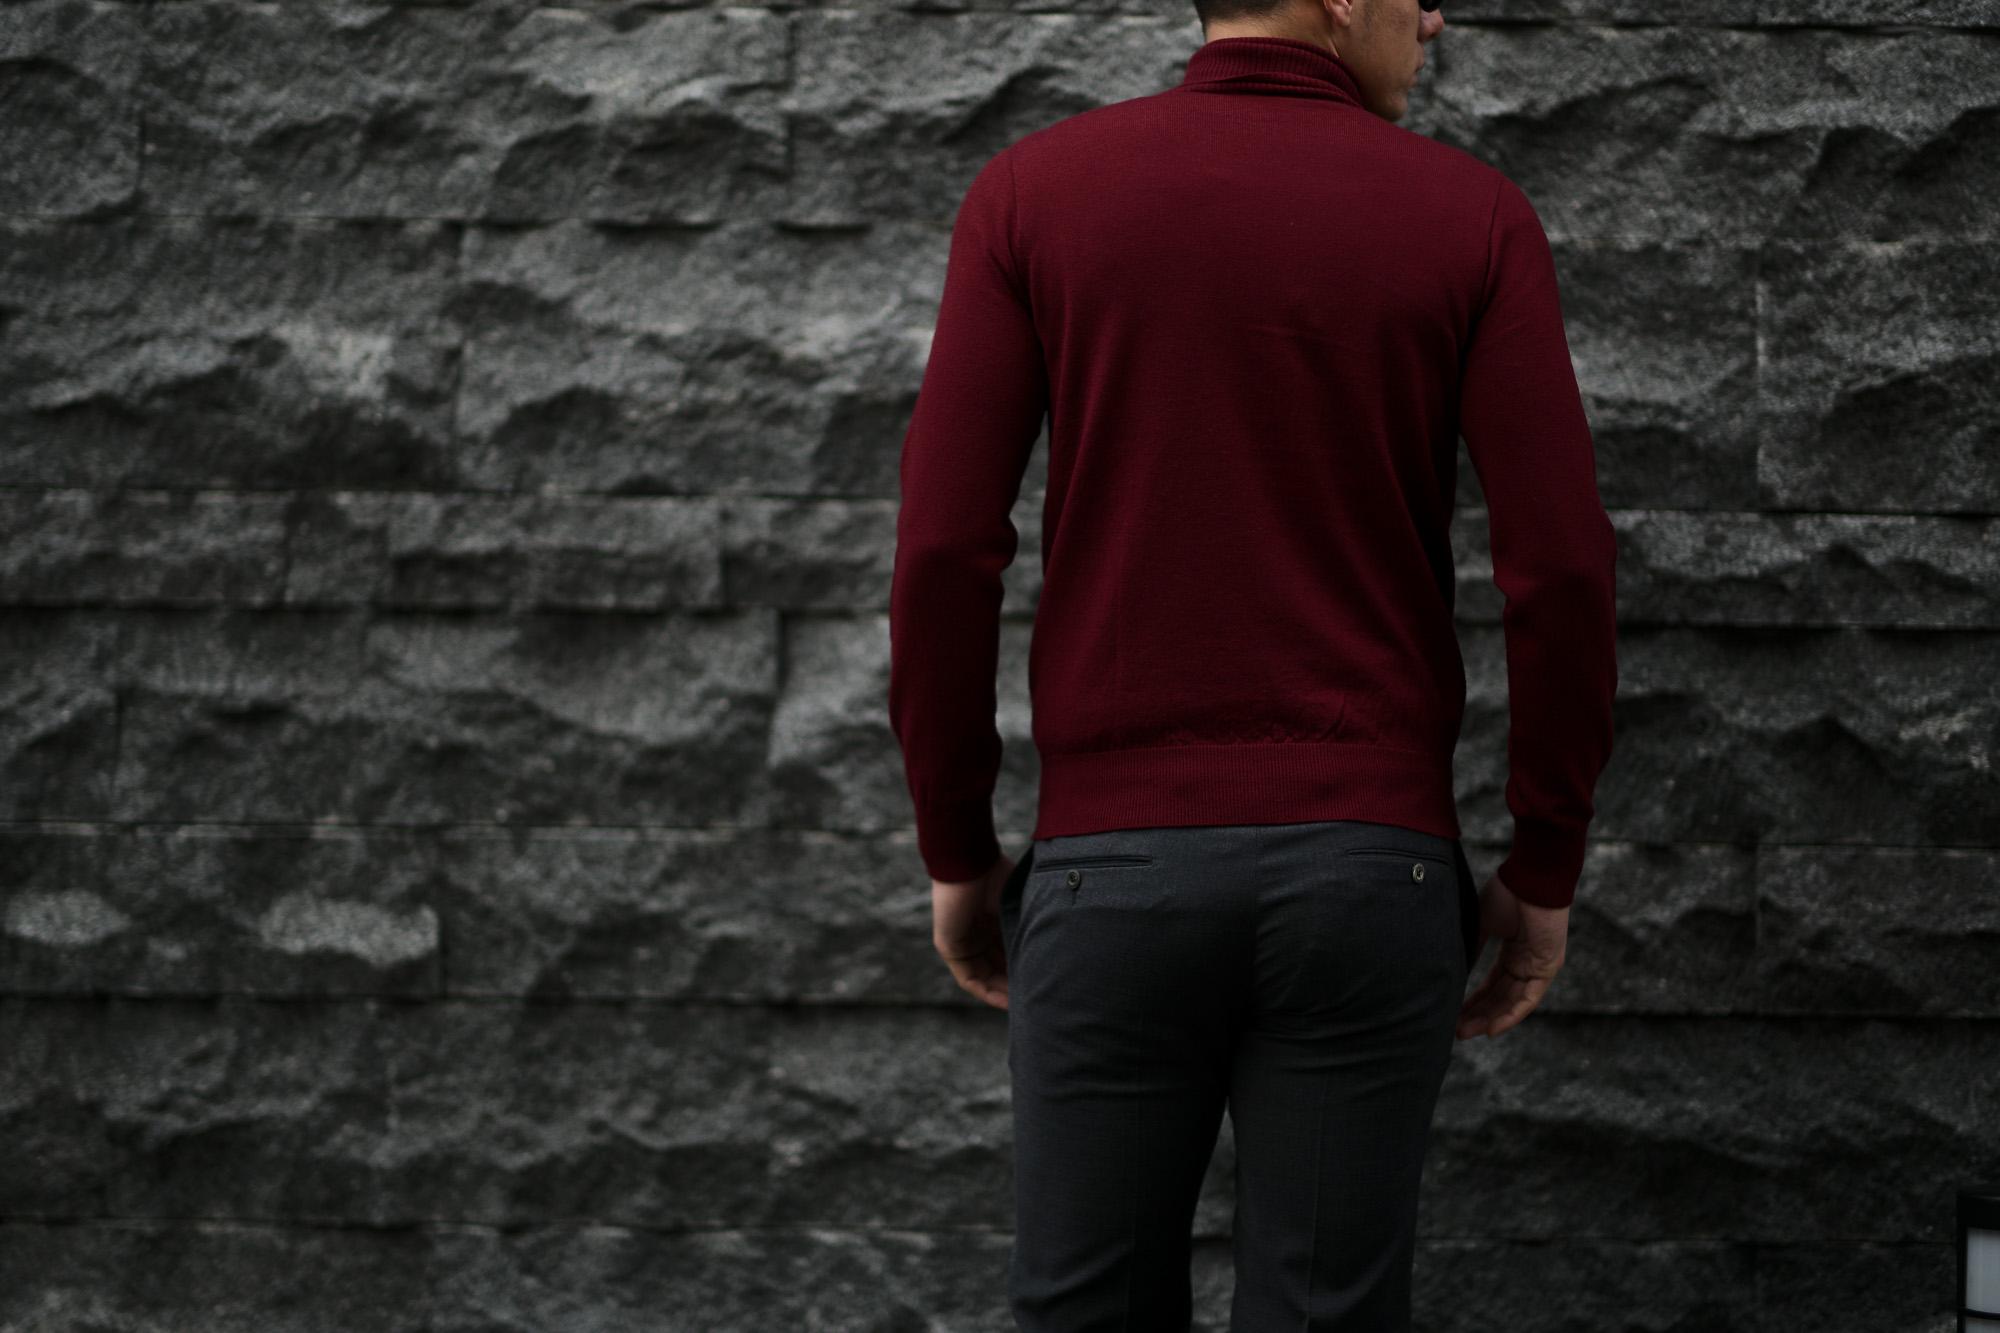 Cuervo (クエルボ) Sartoria Collection (サルトリア コレクション) John(ジョン) Turtle Neck Sweater (タートルネックセーター) ウールニット セーター BORDEAUX (ボルドー) MADE IN JAPAN (日本製) 2019 秋冬 愛知 名古屋 altoediritto アルトエデリット